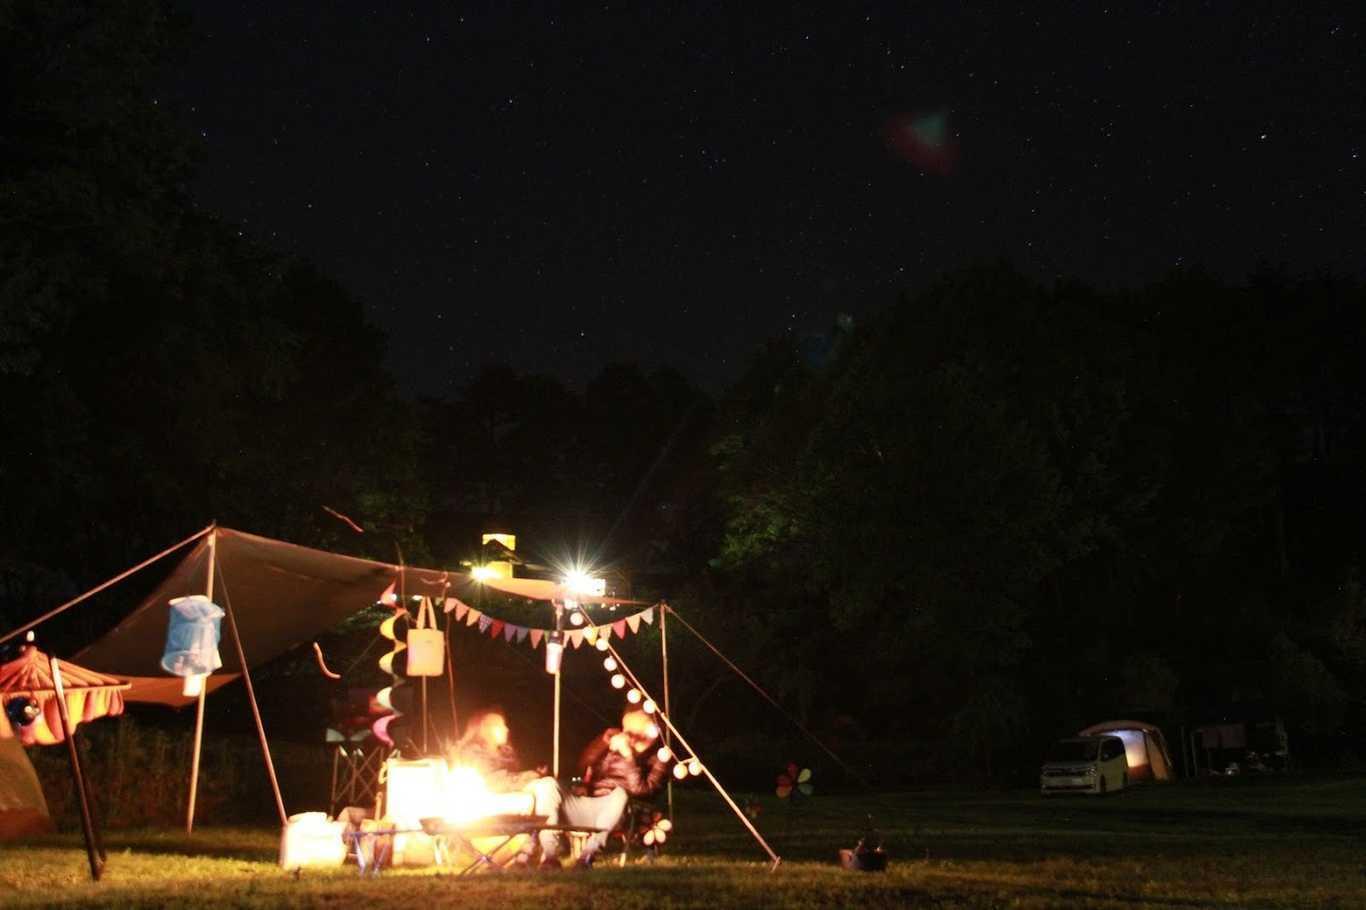 星の降る森 の公式写真c10078